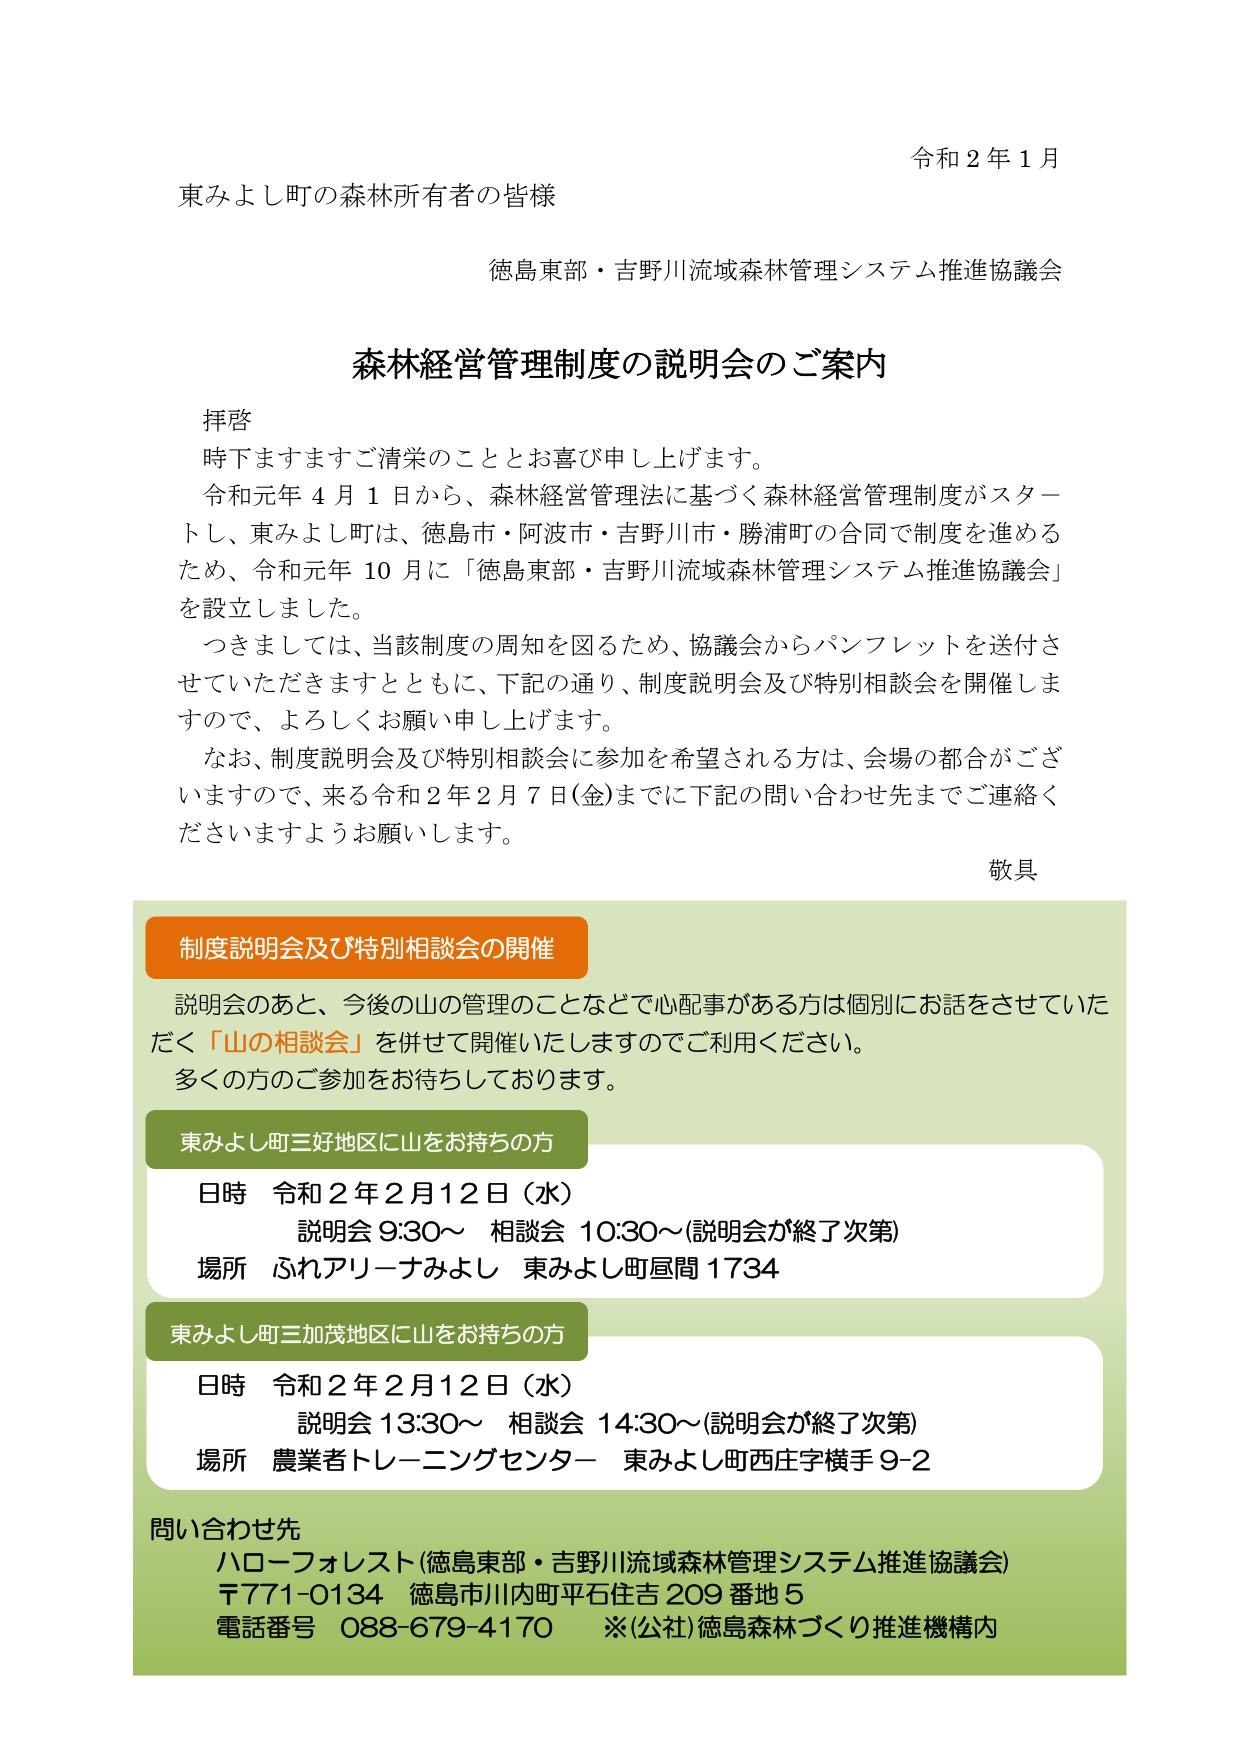 パンフレット送付のご案内(東みよし町)